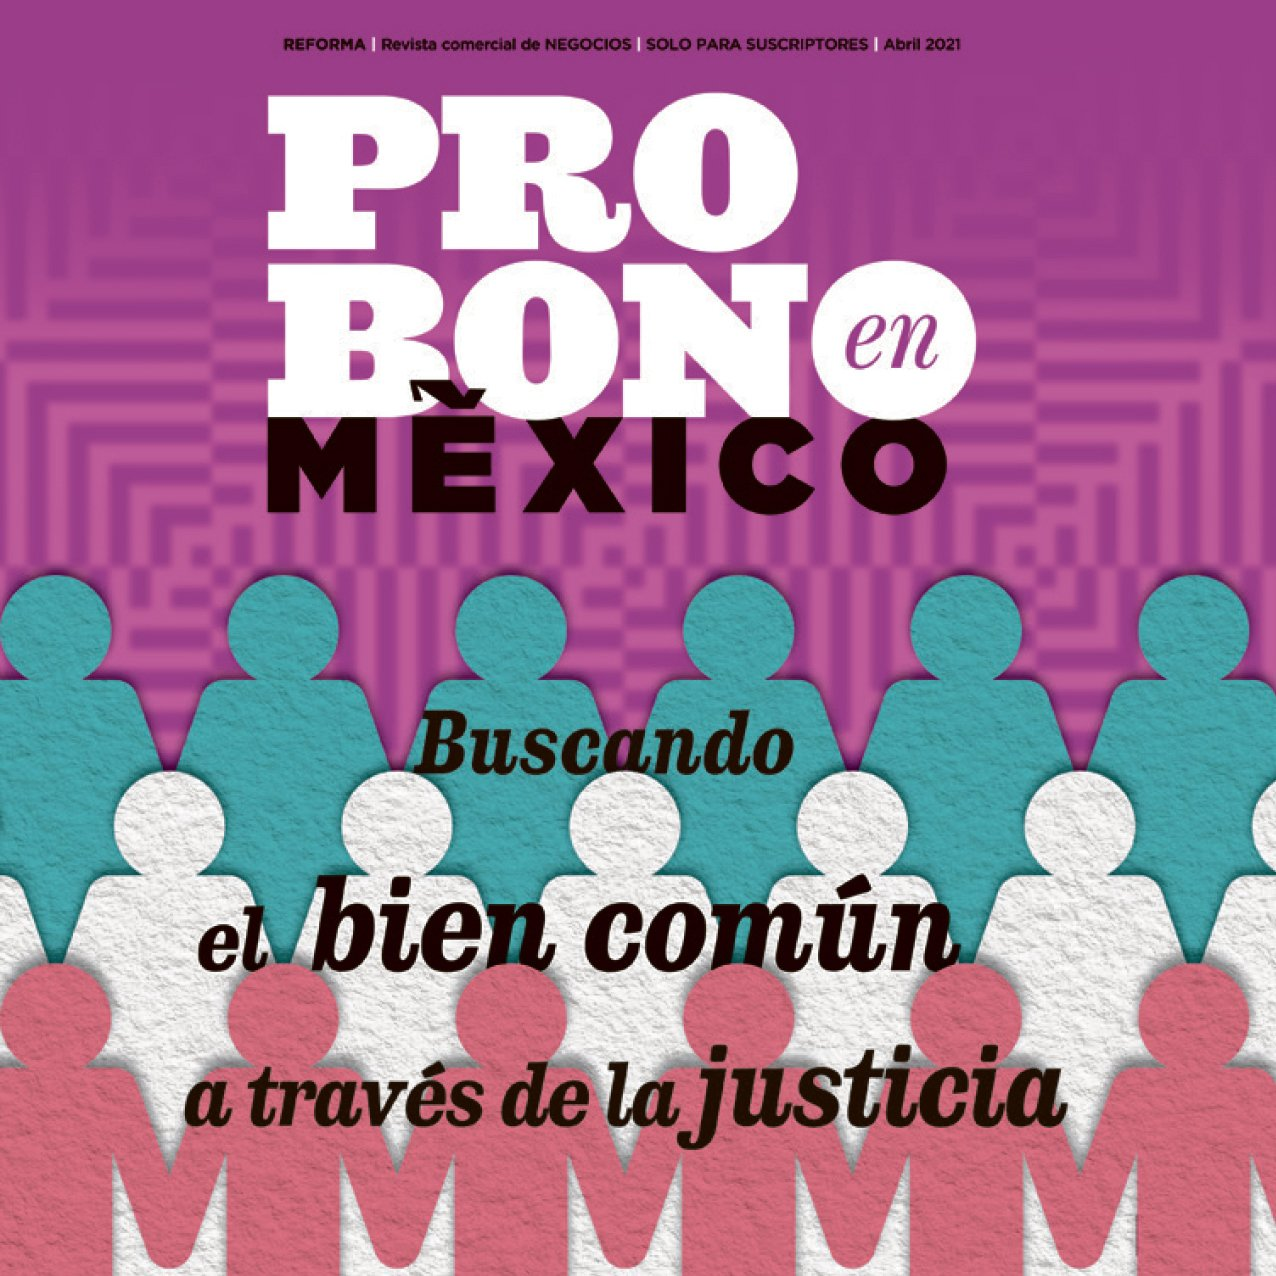 Fomentan y reconocen la labor social de los abogados – Suplemento Pro Bono en México Reforma